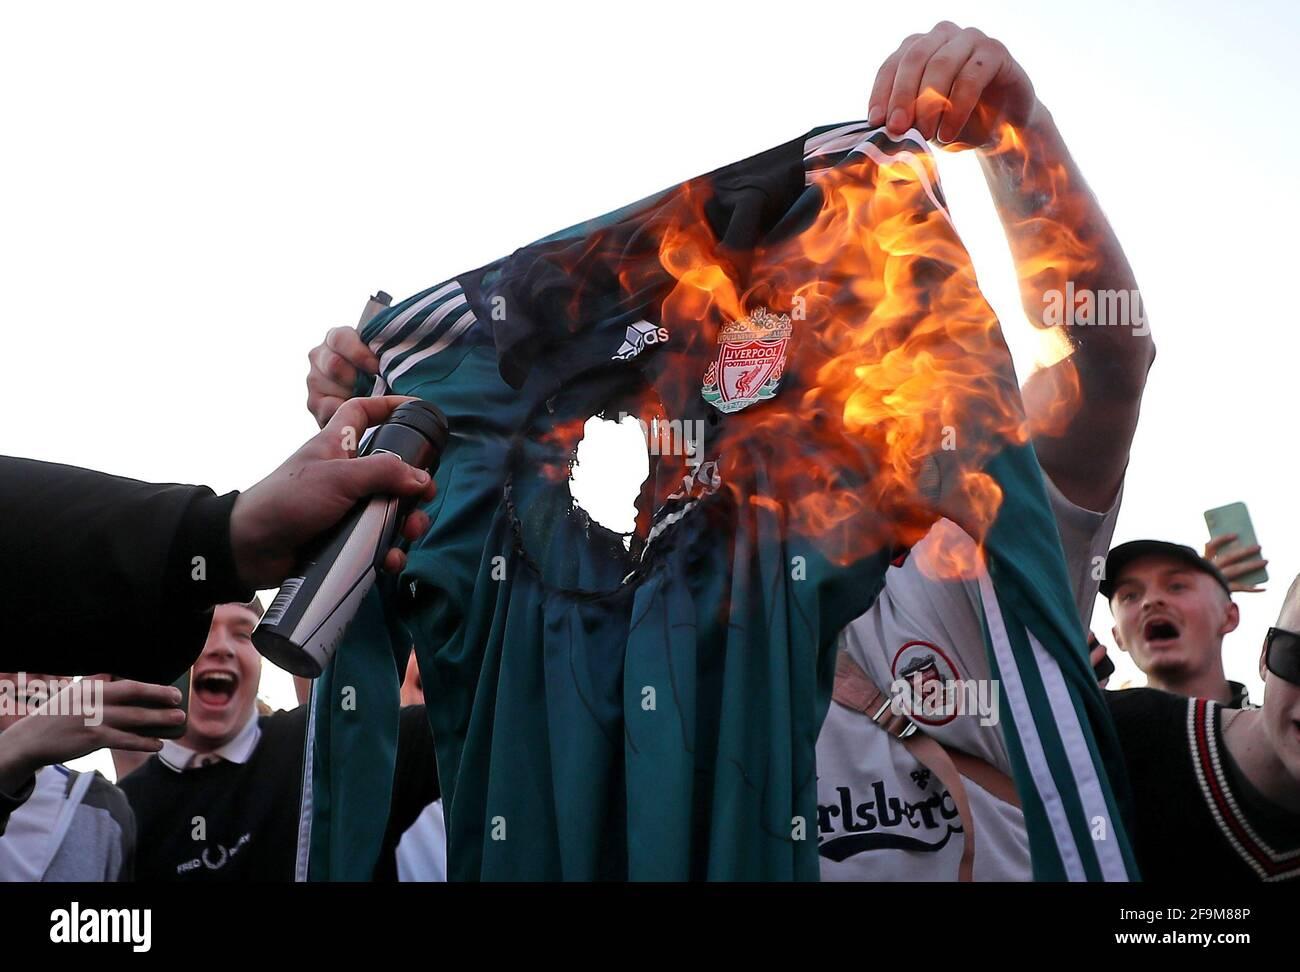 Fans verbrennen vor der Elland Road ein Liverpool Replica Shirt gegen die Entscheidung Liverpools, in die Clubs aufgenommen zu werden, die versuchen, eine neue Europäische Super League zu gründen. Bilddatum: Montag, 19. April 2021. Stockfoto